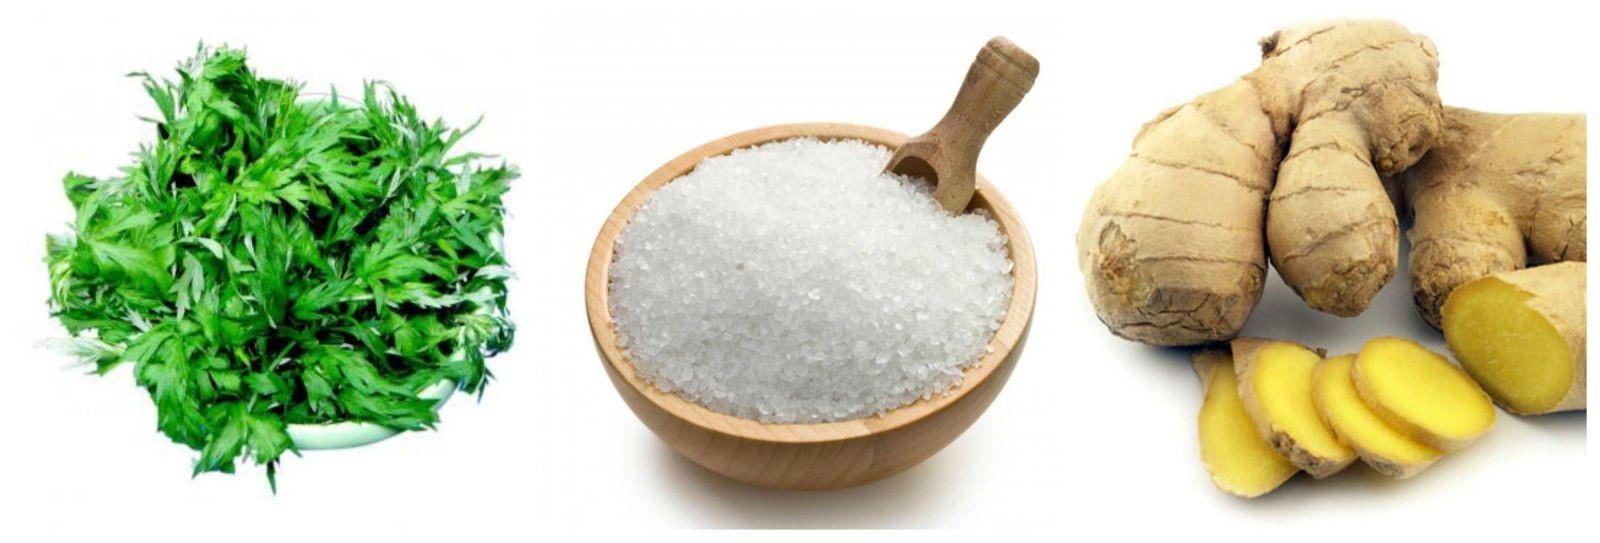 Ngải cứu – muối – gừng là những thành phần được sử dụng cho việc giảm béo bụng cho mẹ bằng muối